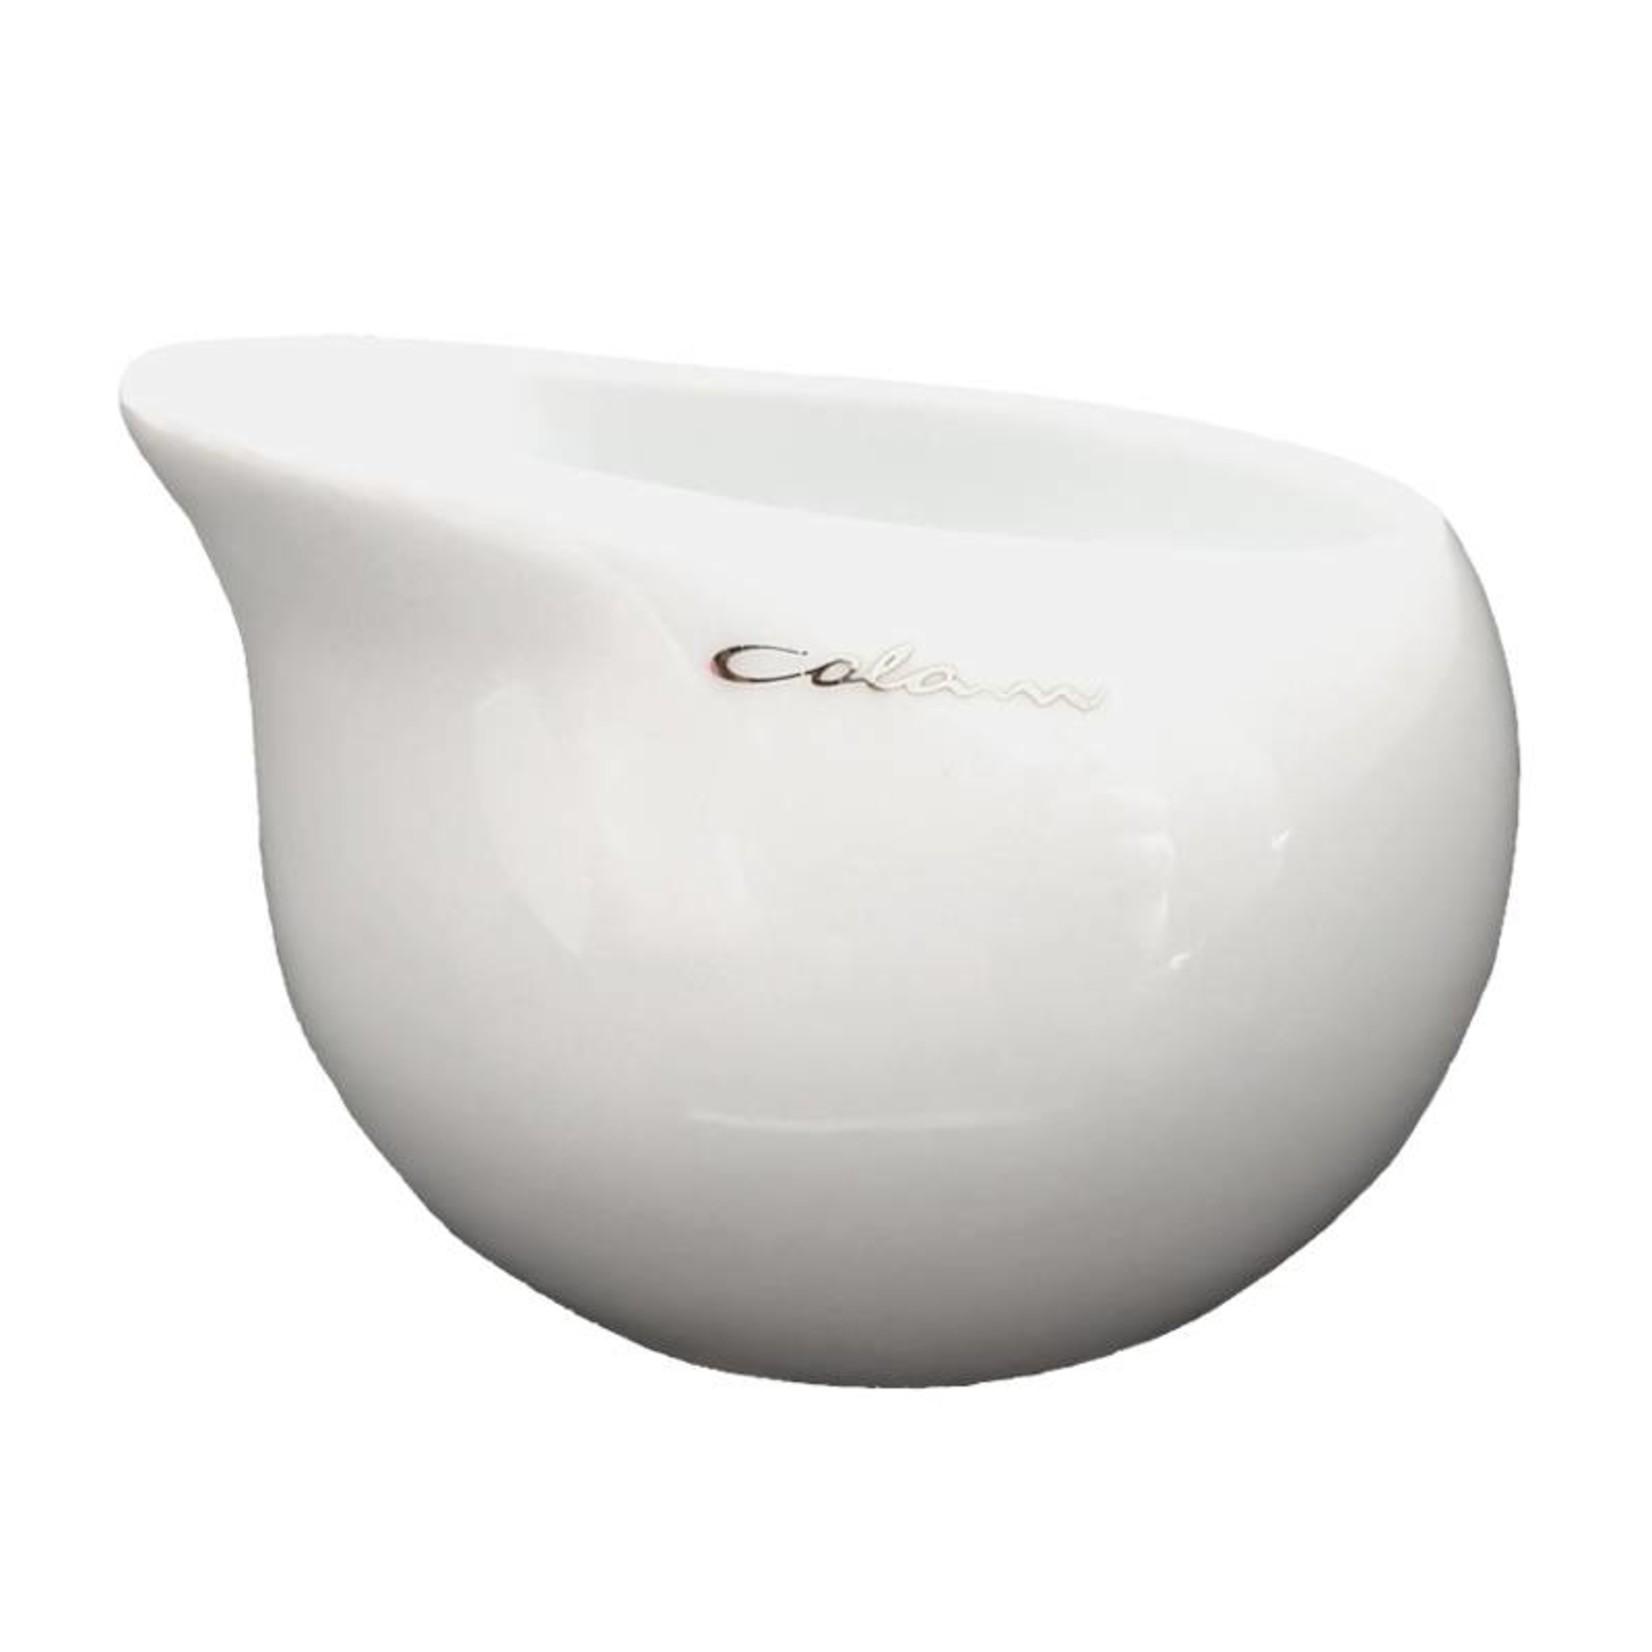 Colani Porzellanserie Colani Zuckerschale | weiß  | Zuckergefäß | Porzellan